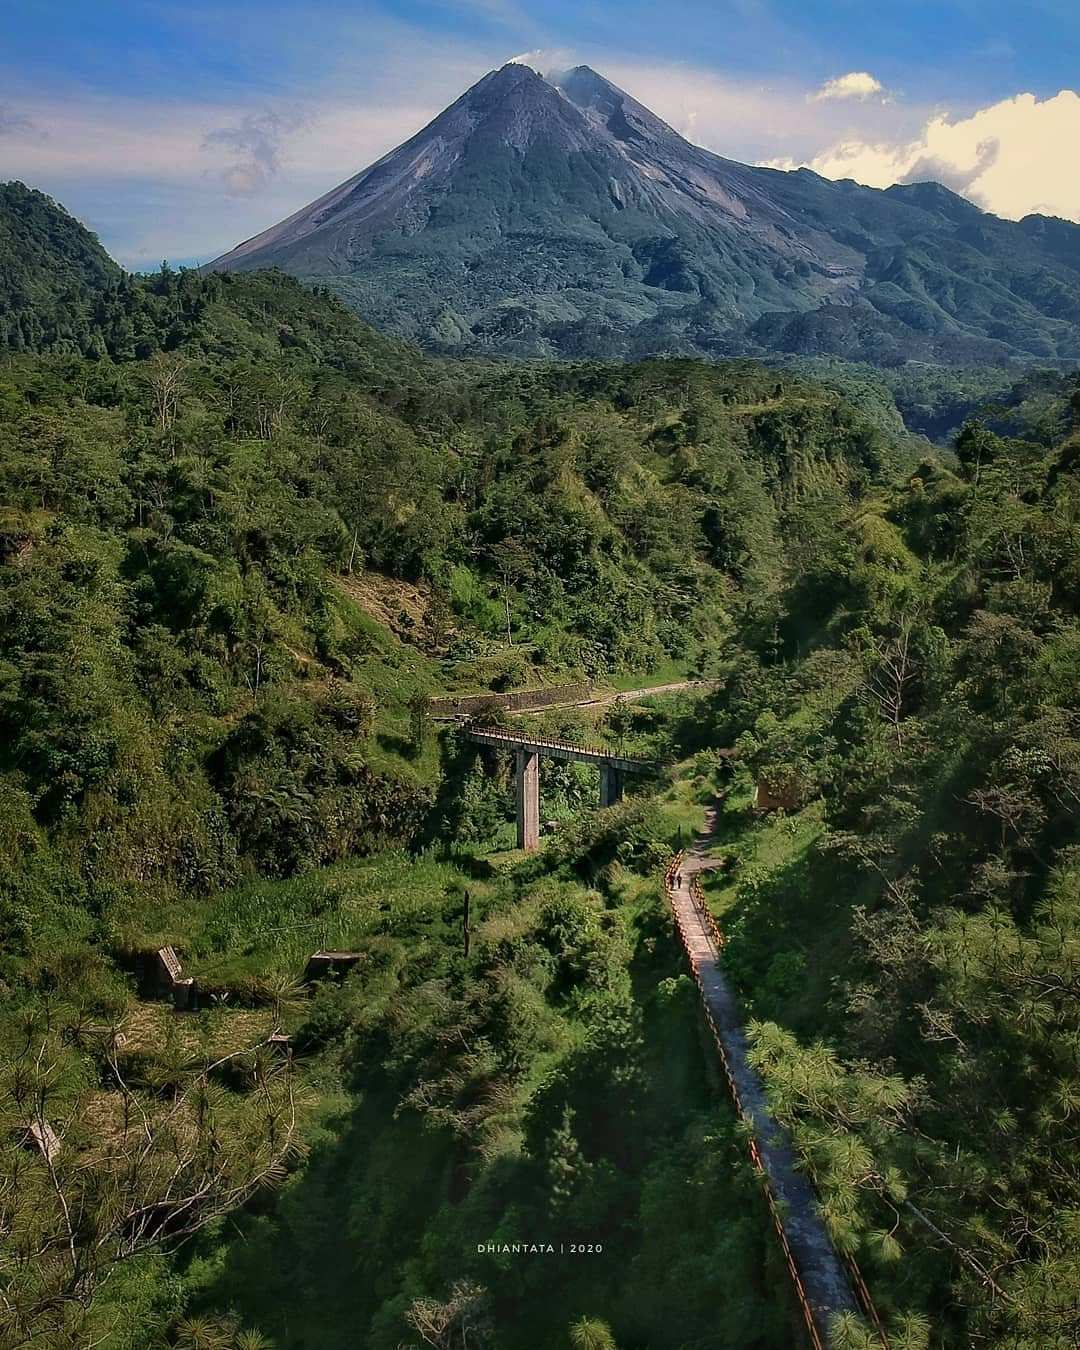 Pemandangan Gunung Merapi Dari Lokasi Plunyon Kalikuning, Image From @dhian_hardjodisastro